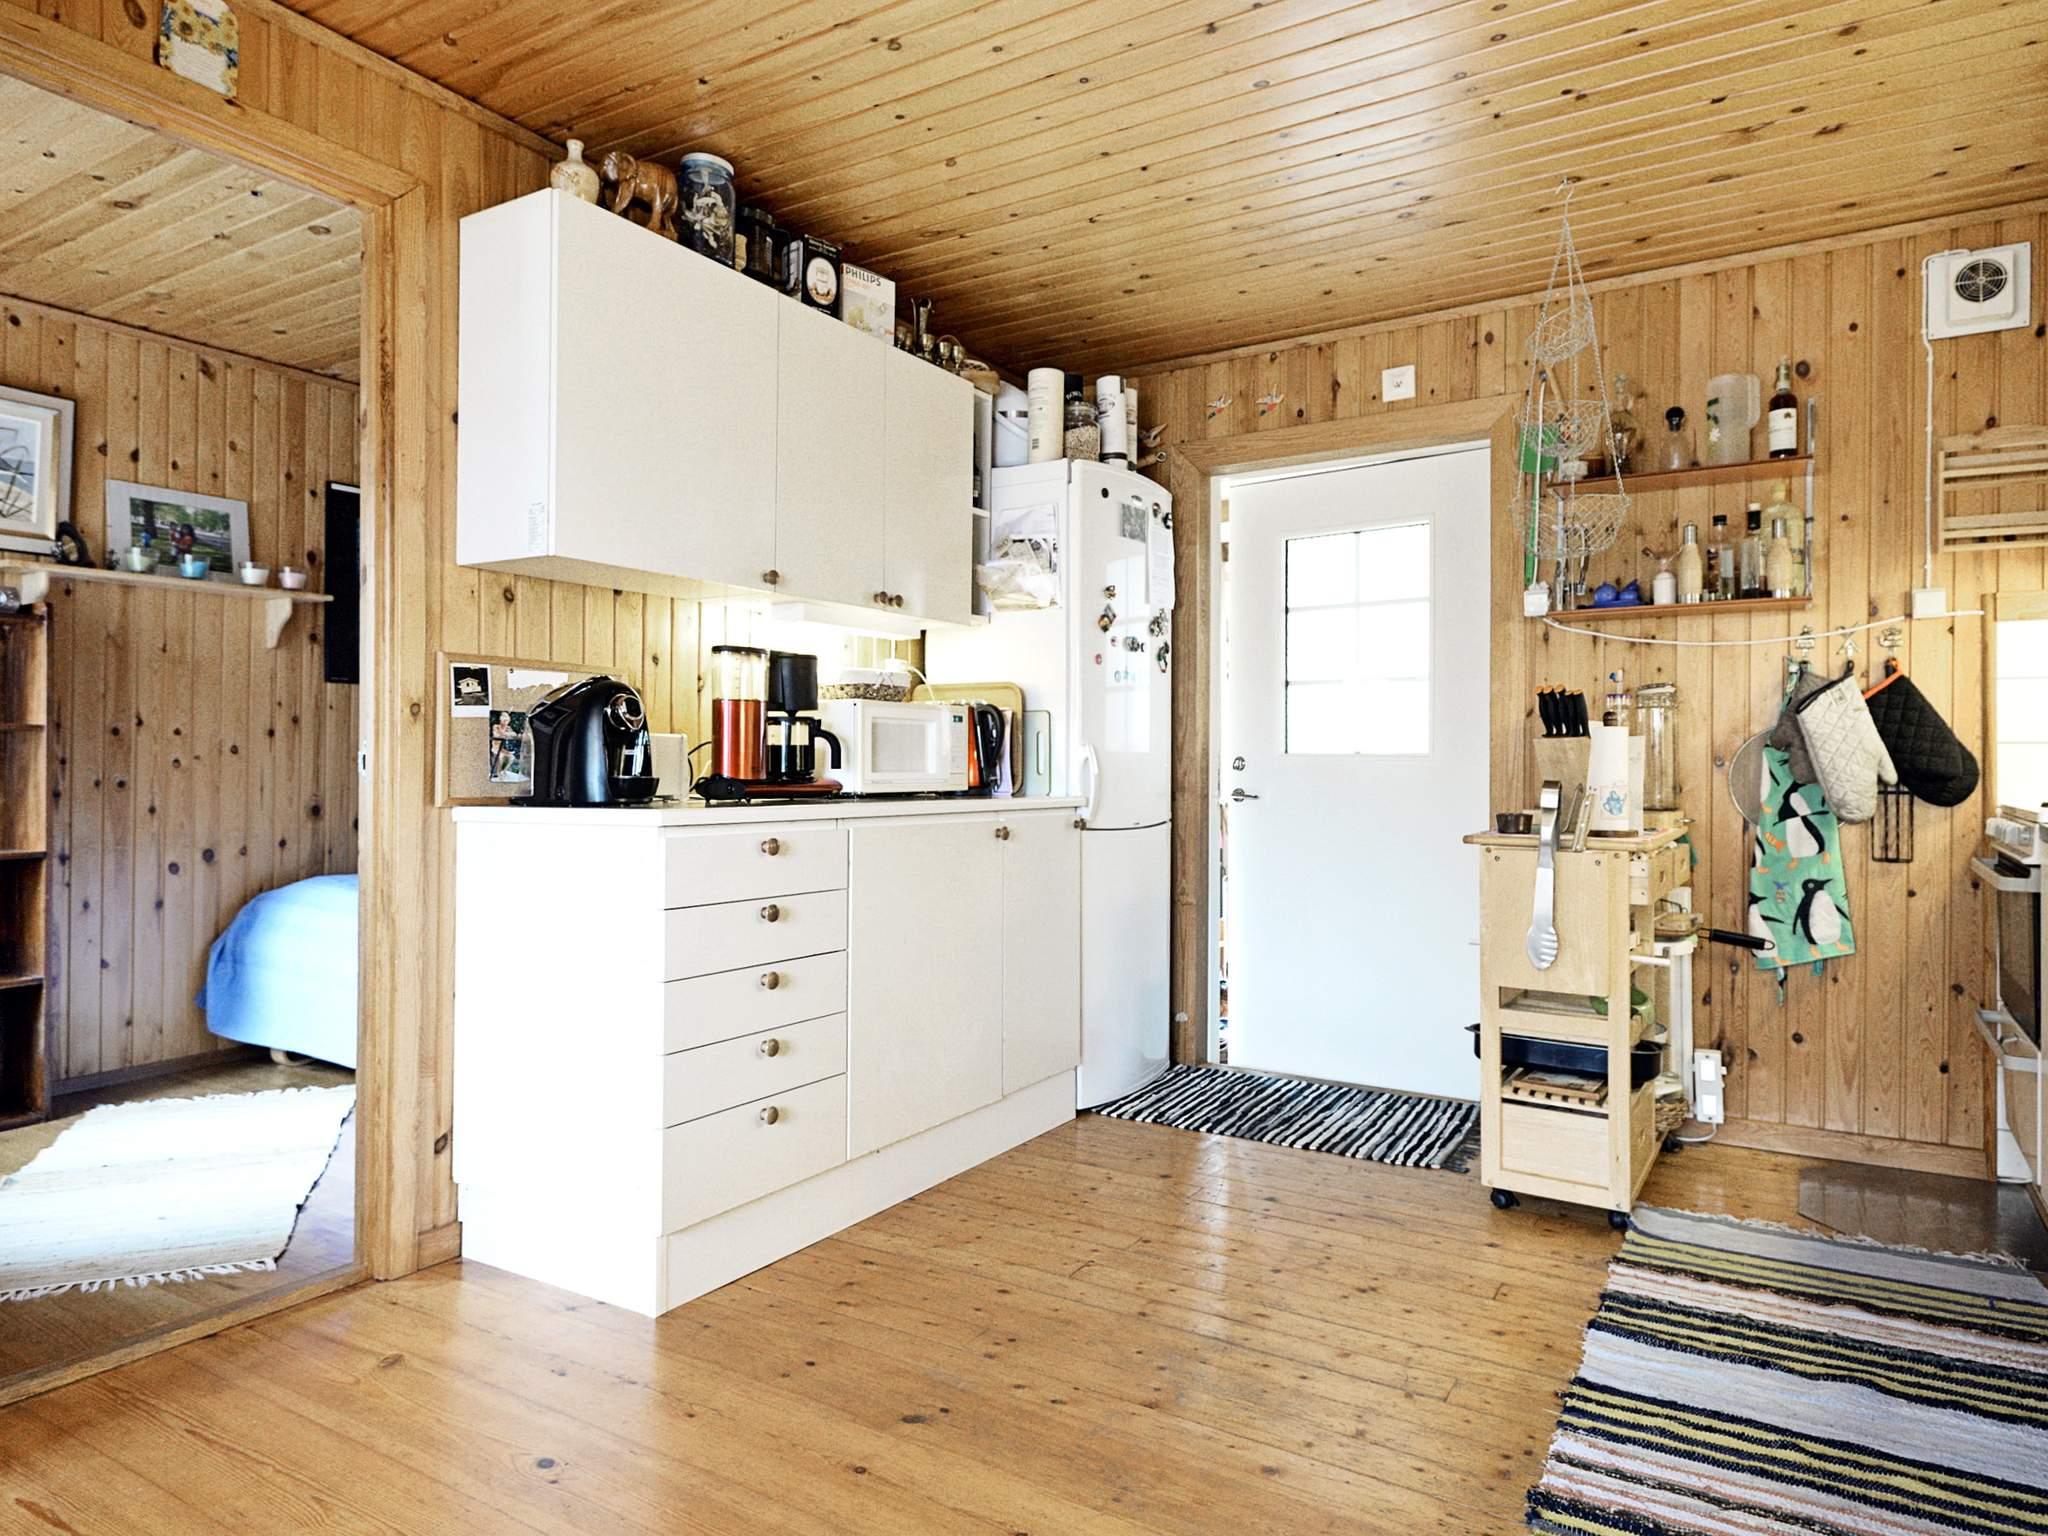 Ferienhaus Alingsås Ferienhaus in Schweden